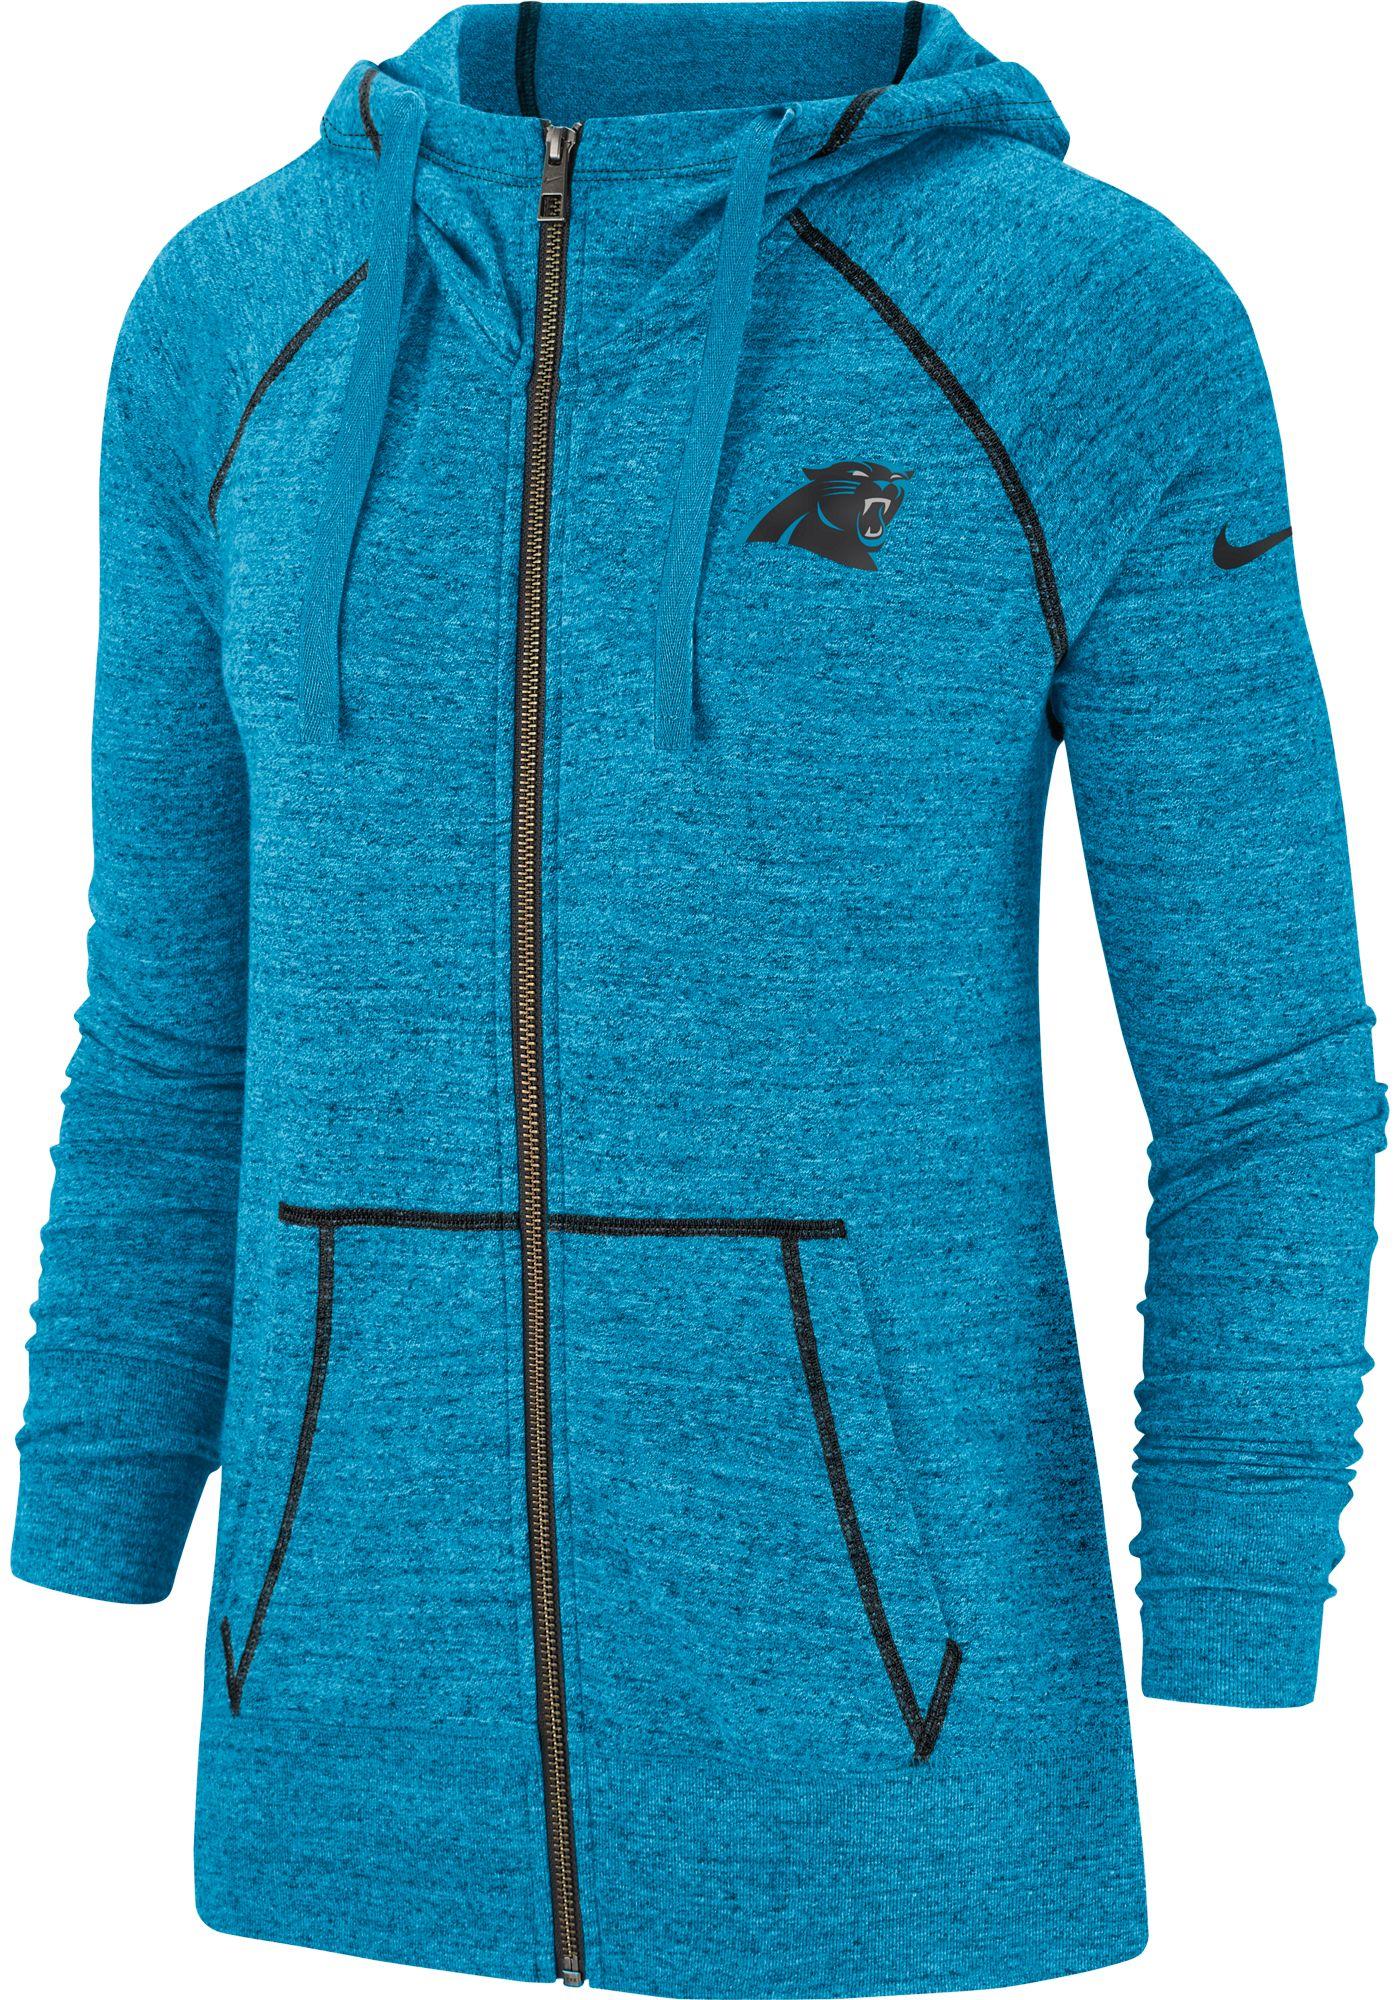 Nike Women's Carolina Panthers Vintage Blue Full-Zip Hoodie